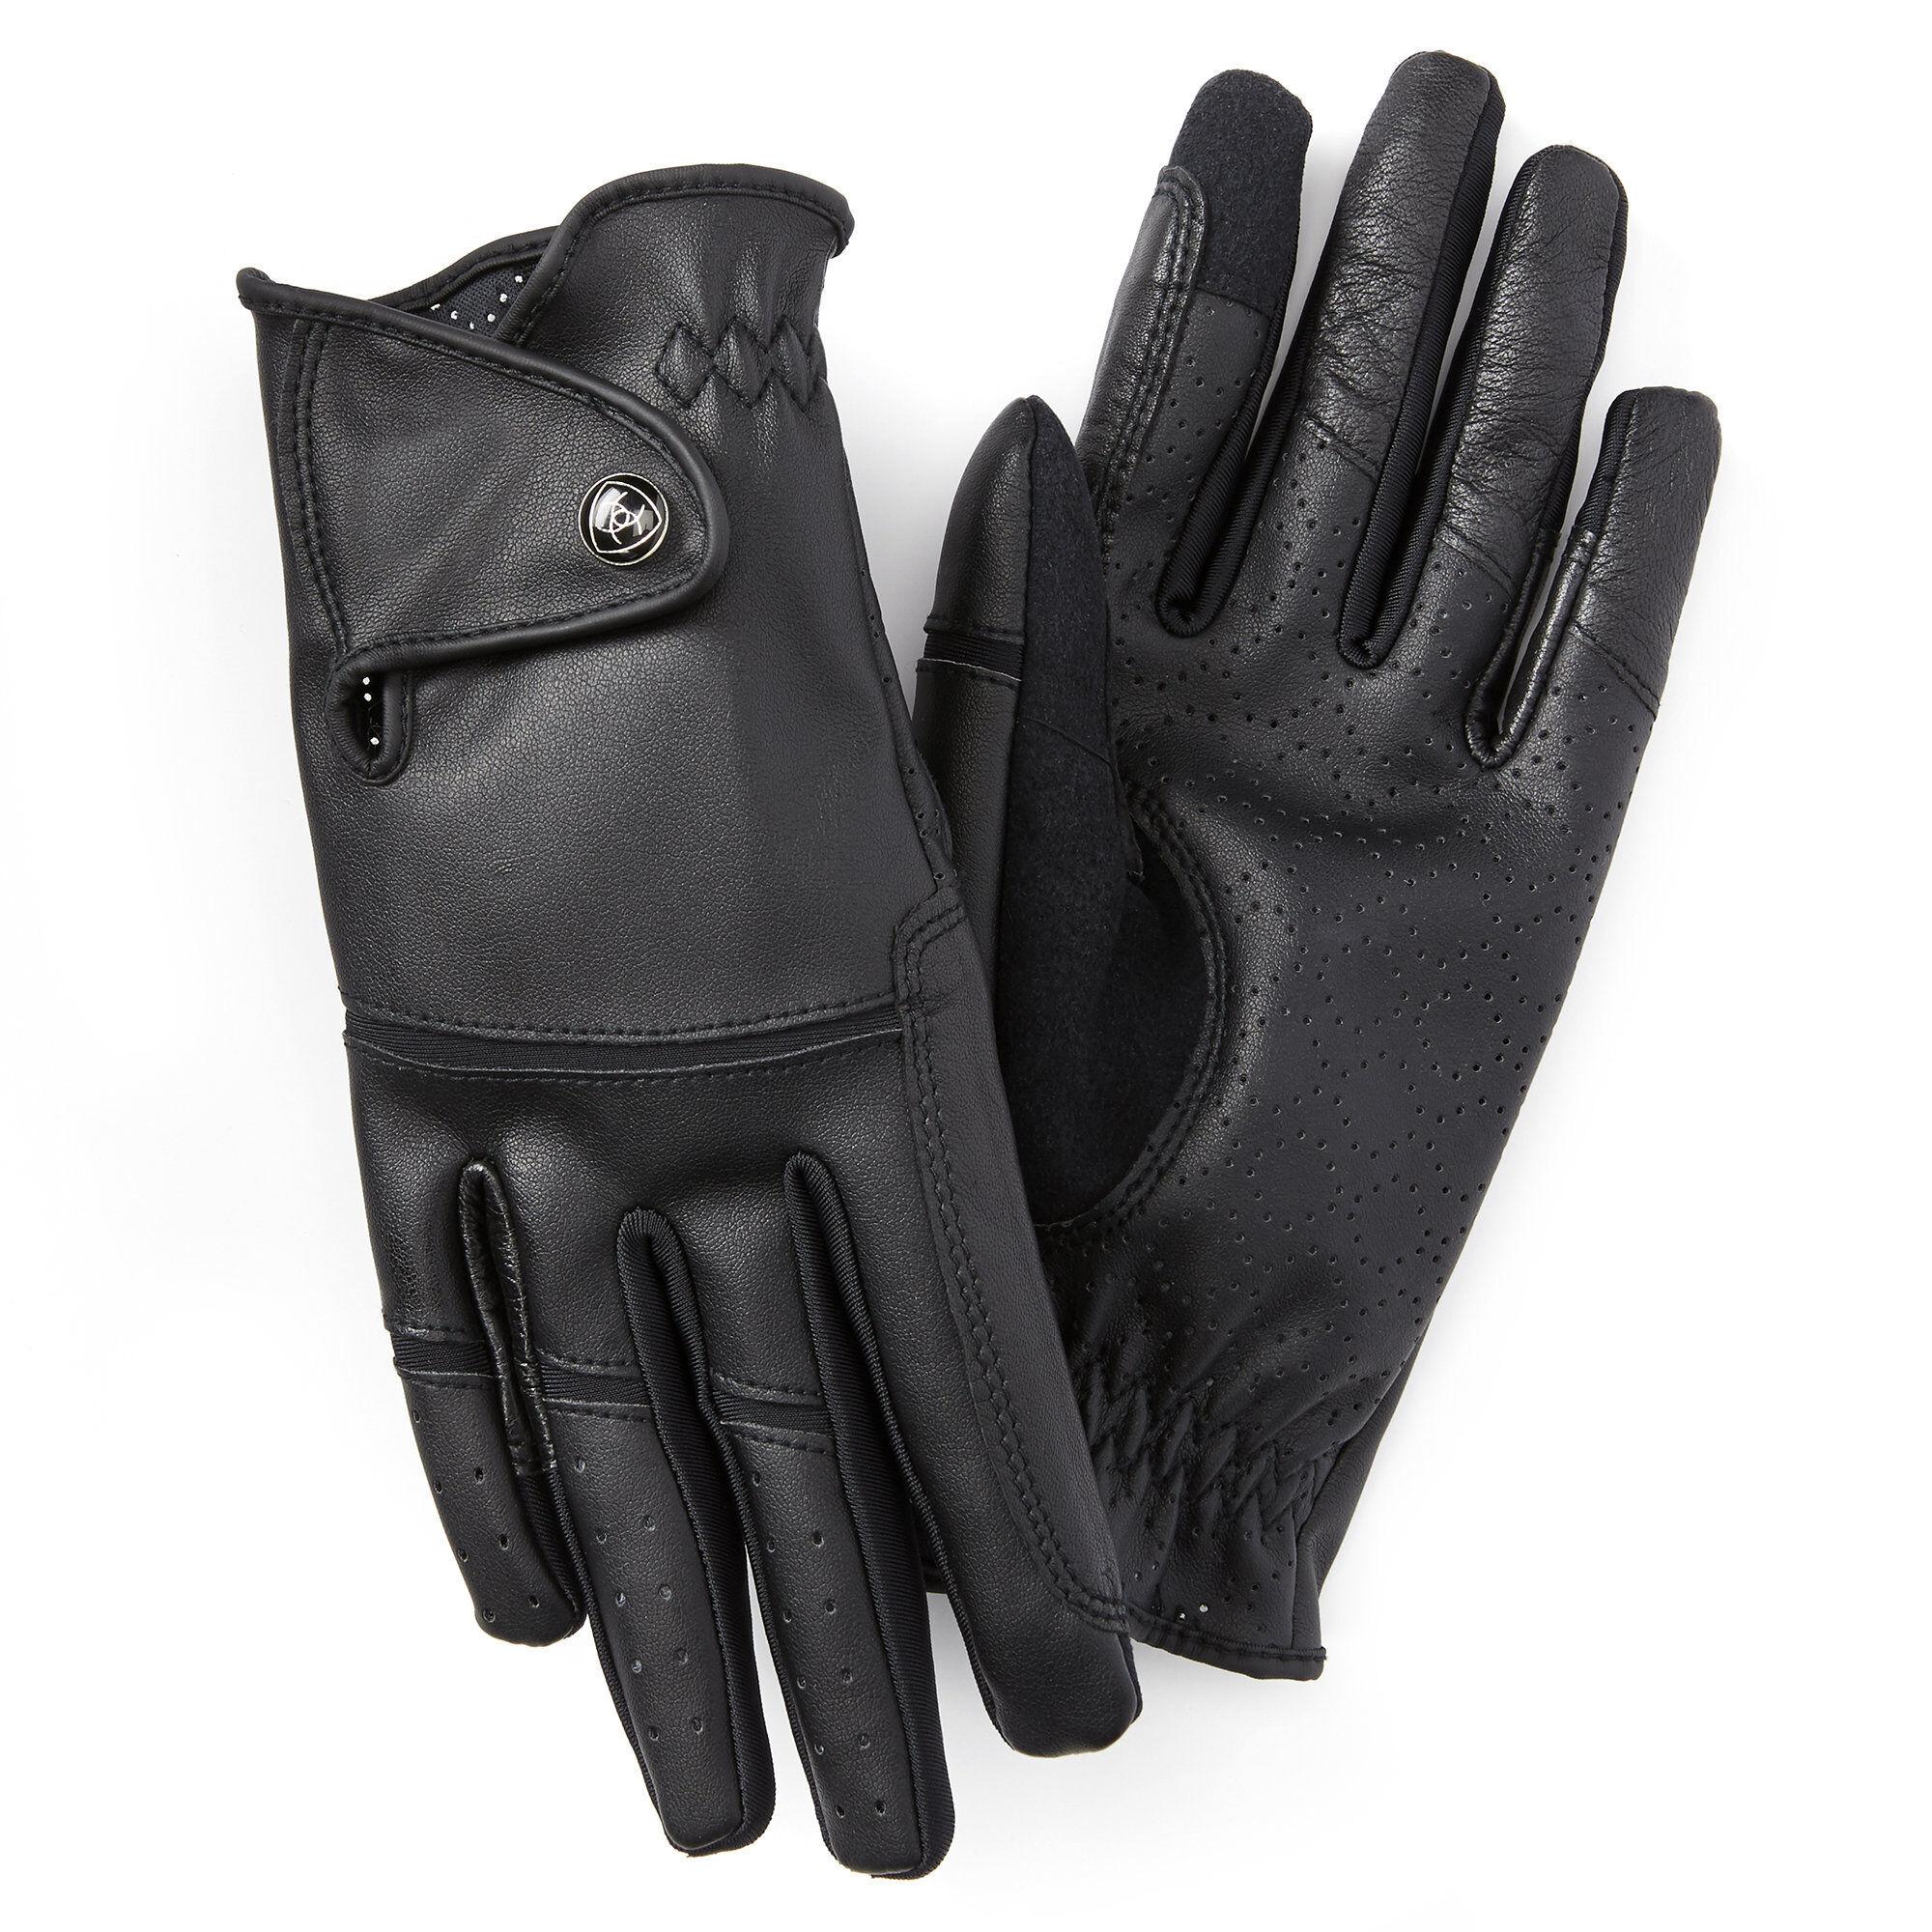 Ariat Elite Grip Gloves in Black, Size 6.5 by Ariat